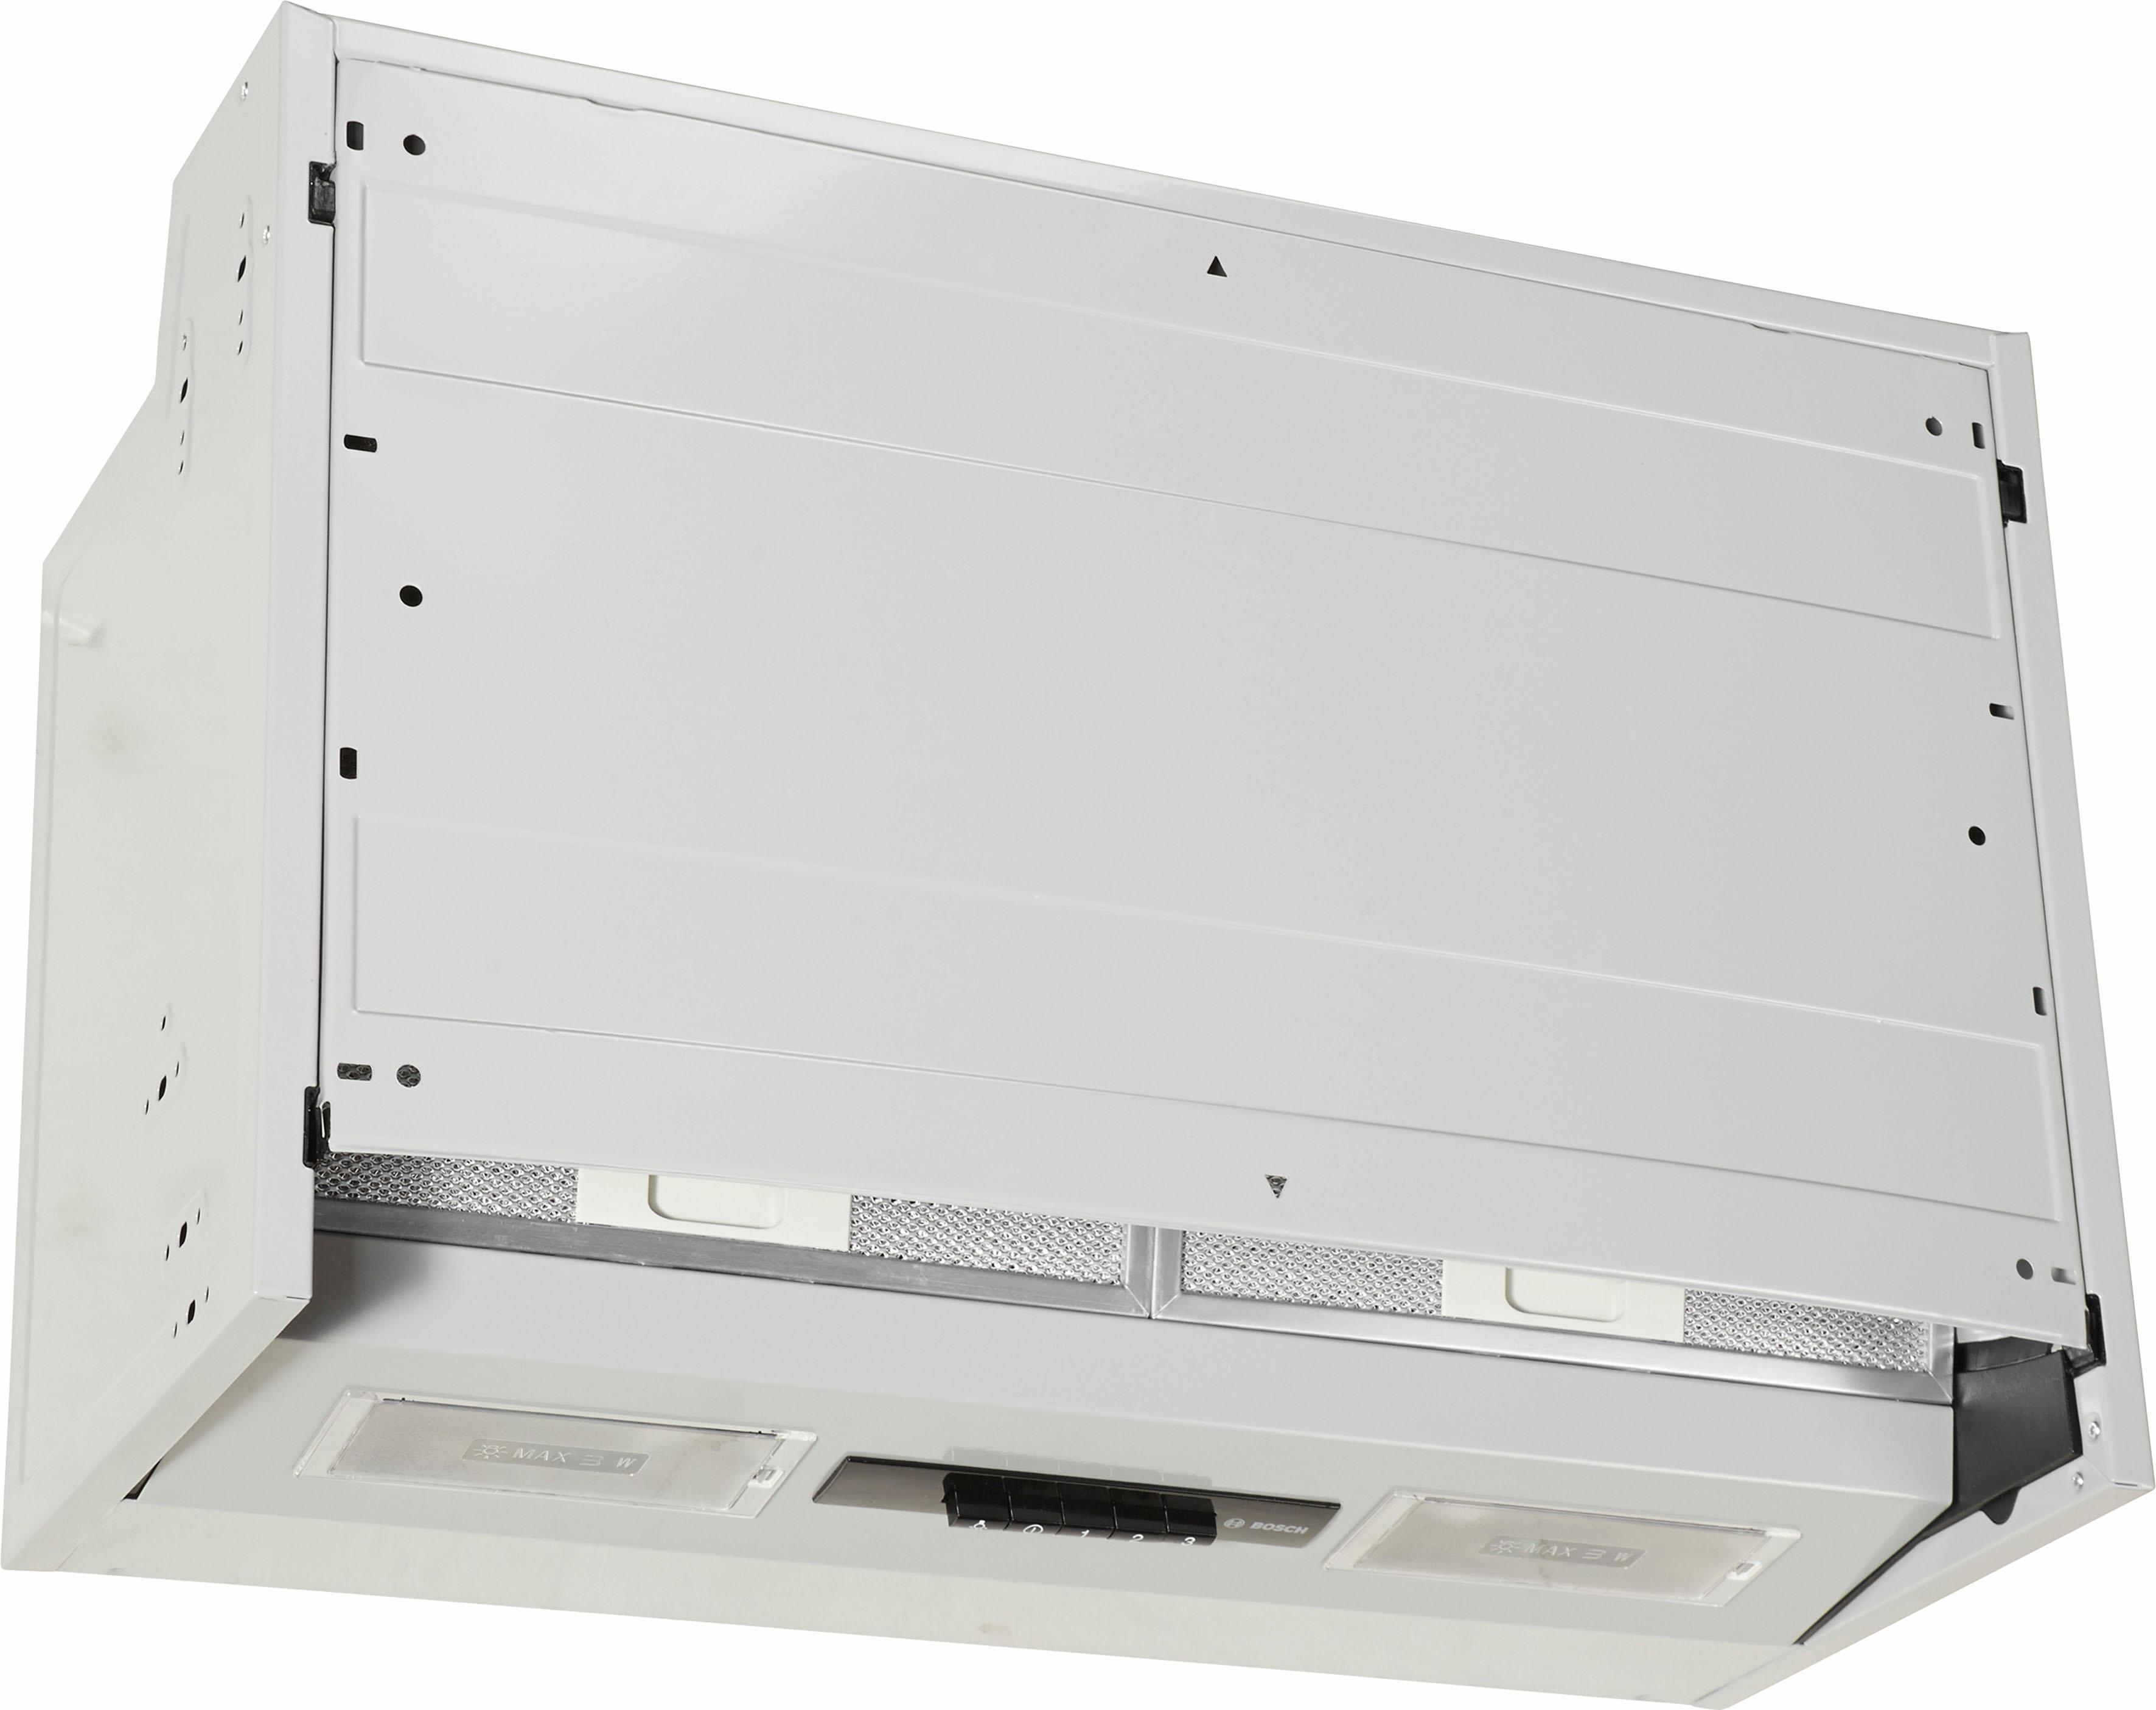 BOSCH Zwischenbauhaube DEM66AC00 Technik & Freizeit/Elektrogeräte/Haushaltsgeräte/Dunstabzugshauben/Zwischenbauhauben